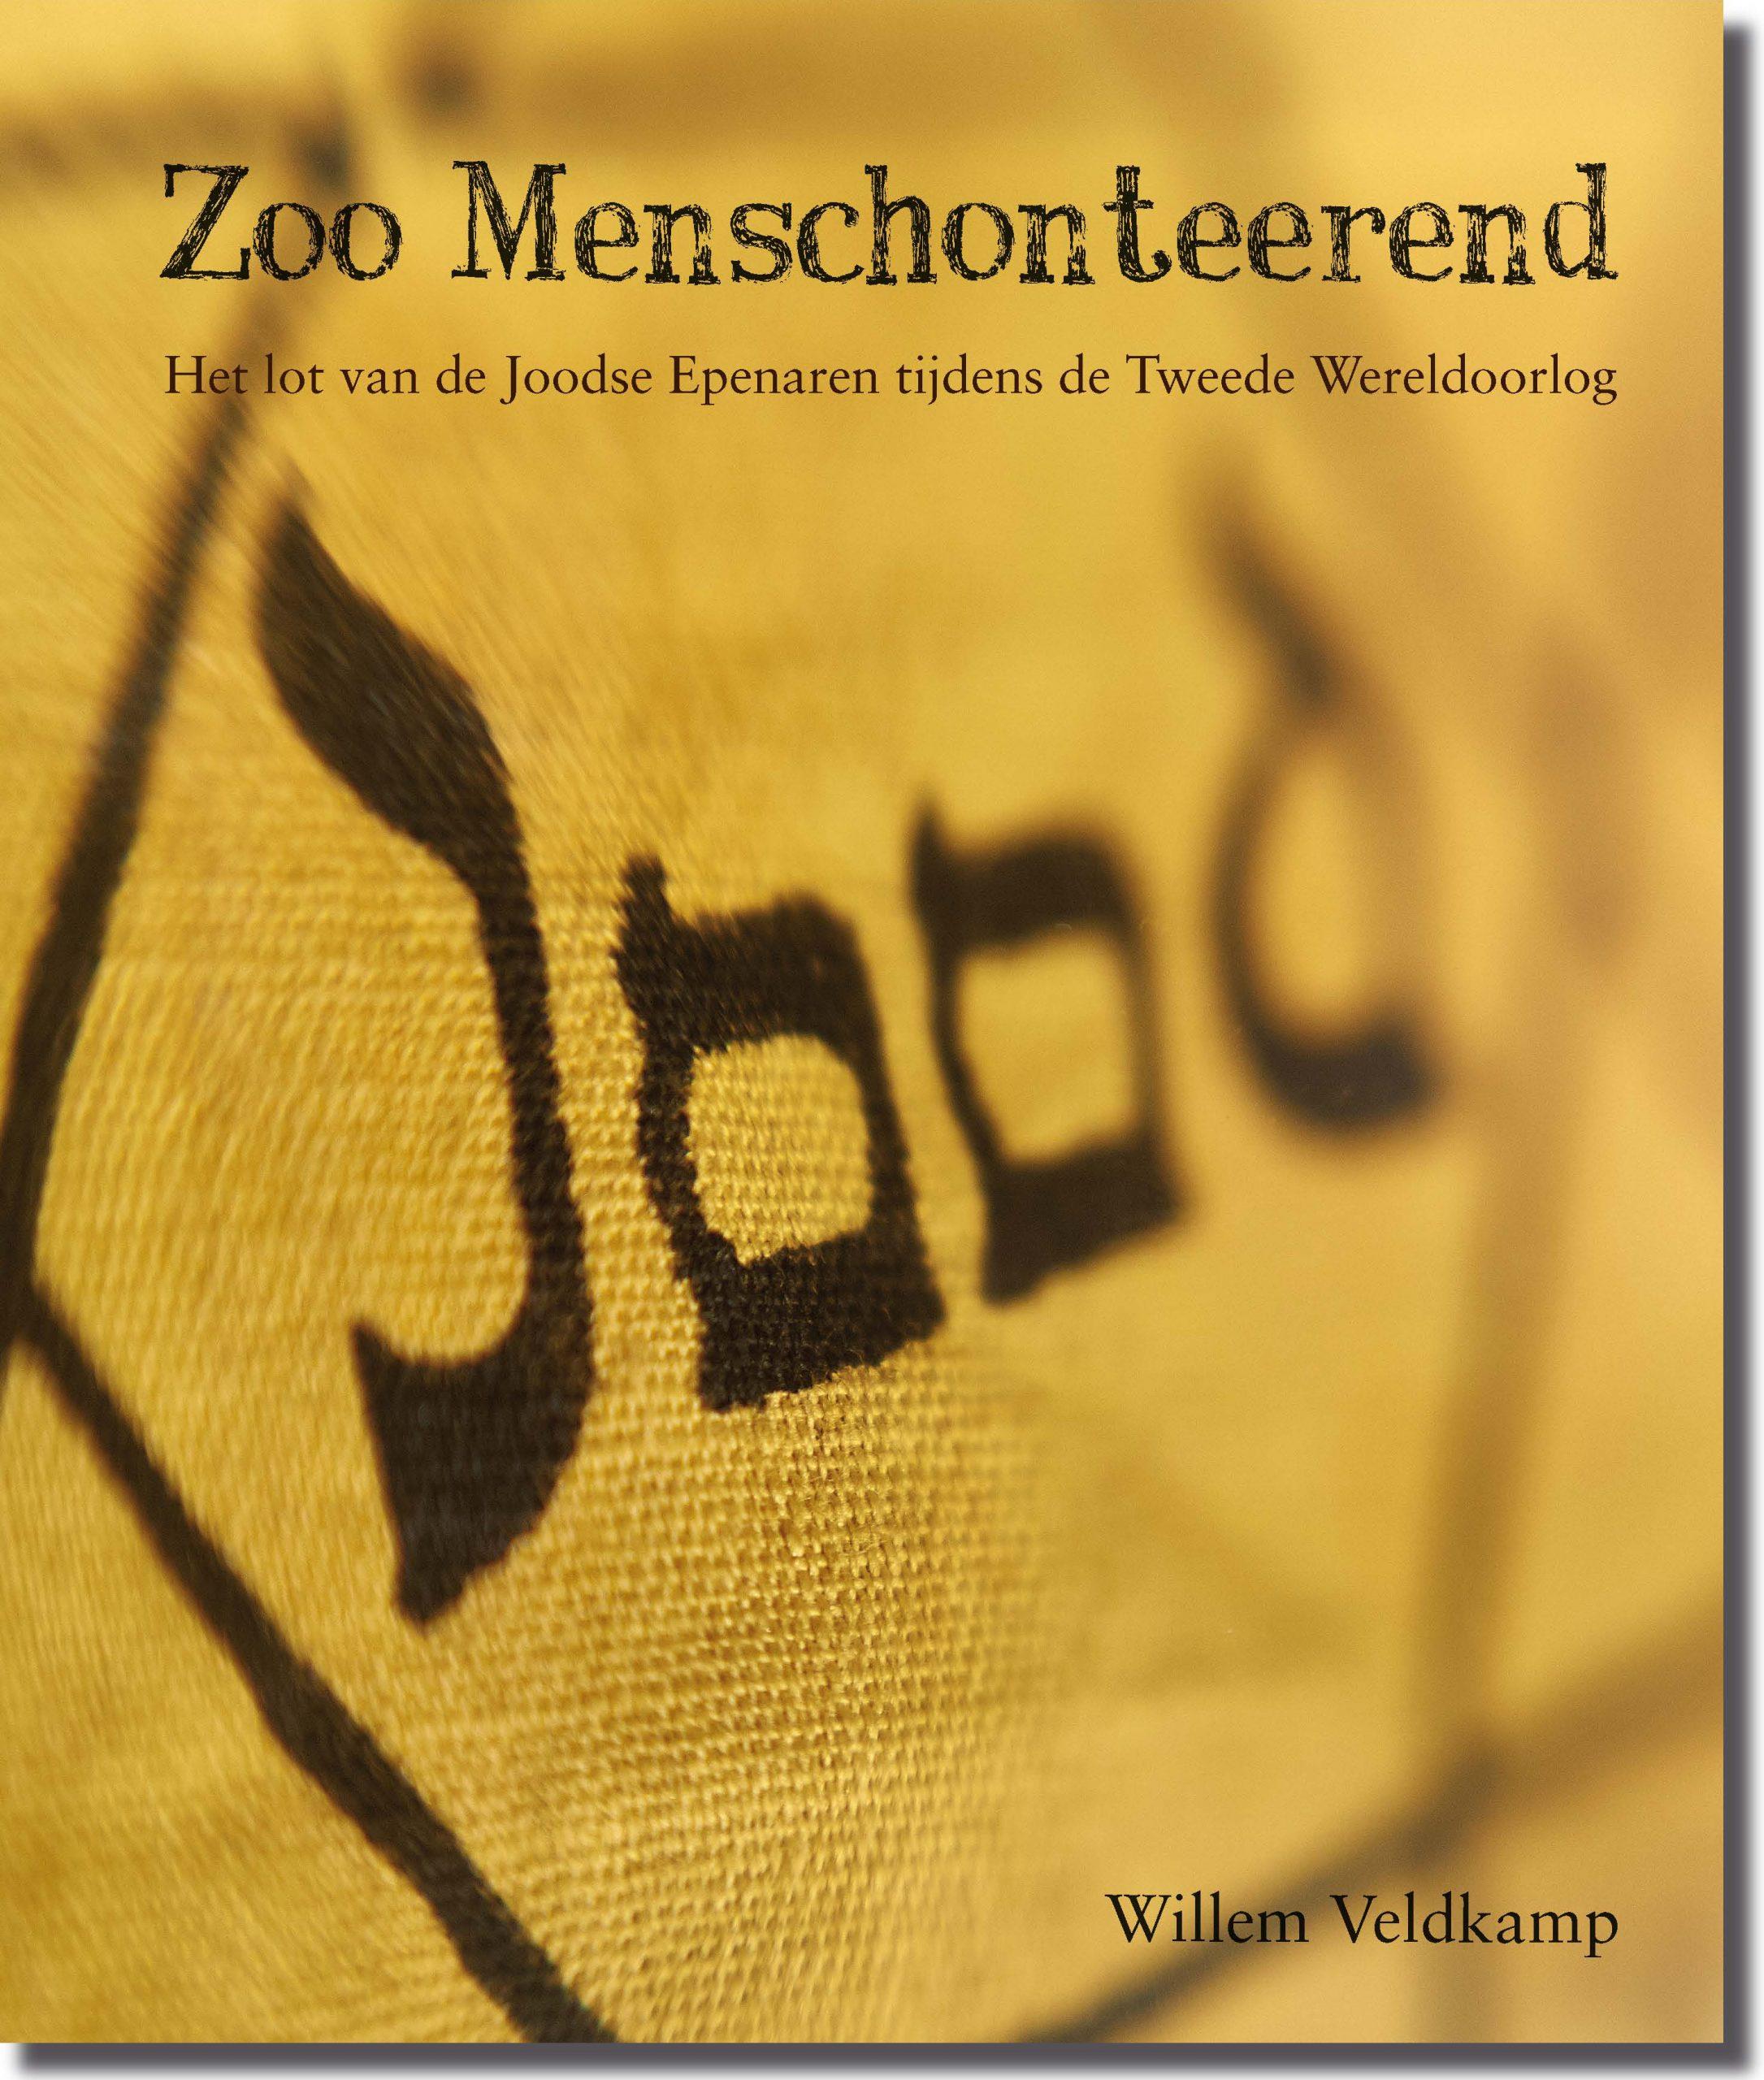 Boek over de Joodse Epenaren tijdens de Tweede Wereldoorlog